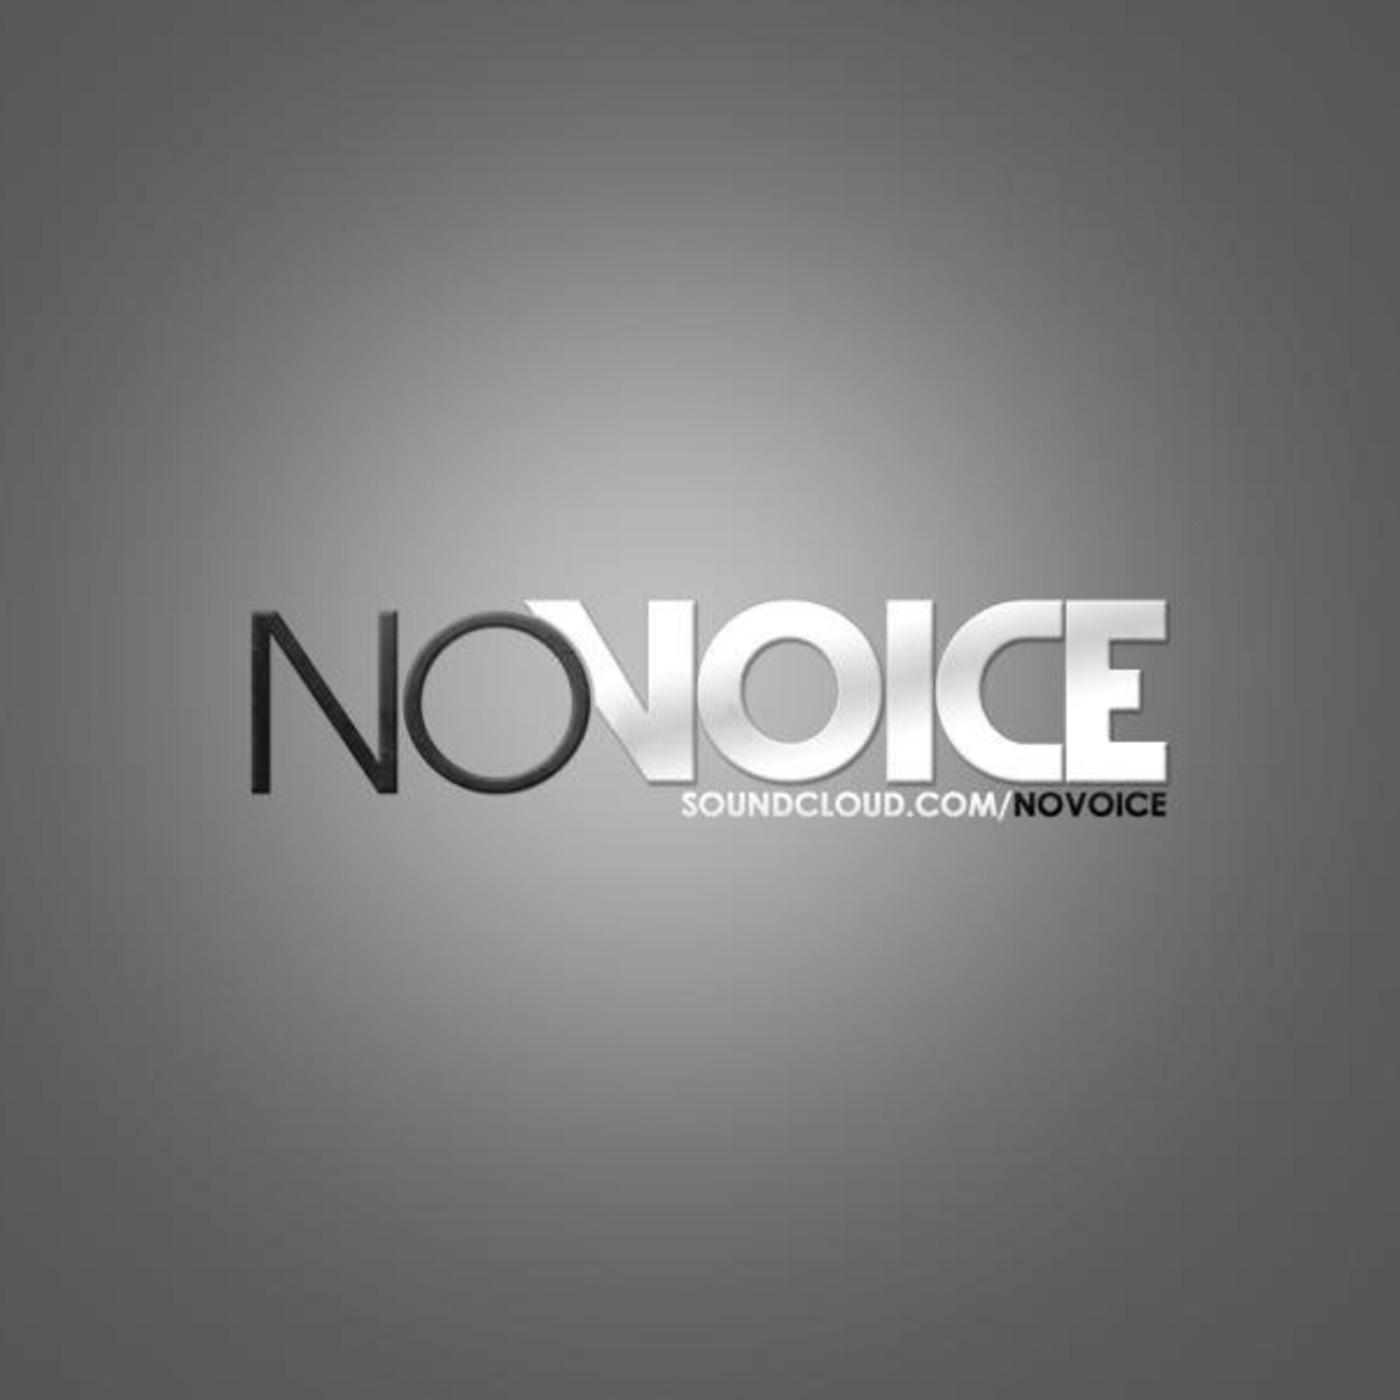 NoVoice's Glamorous Nightlife Podcast